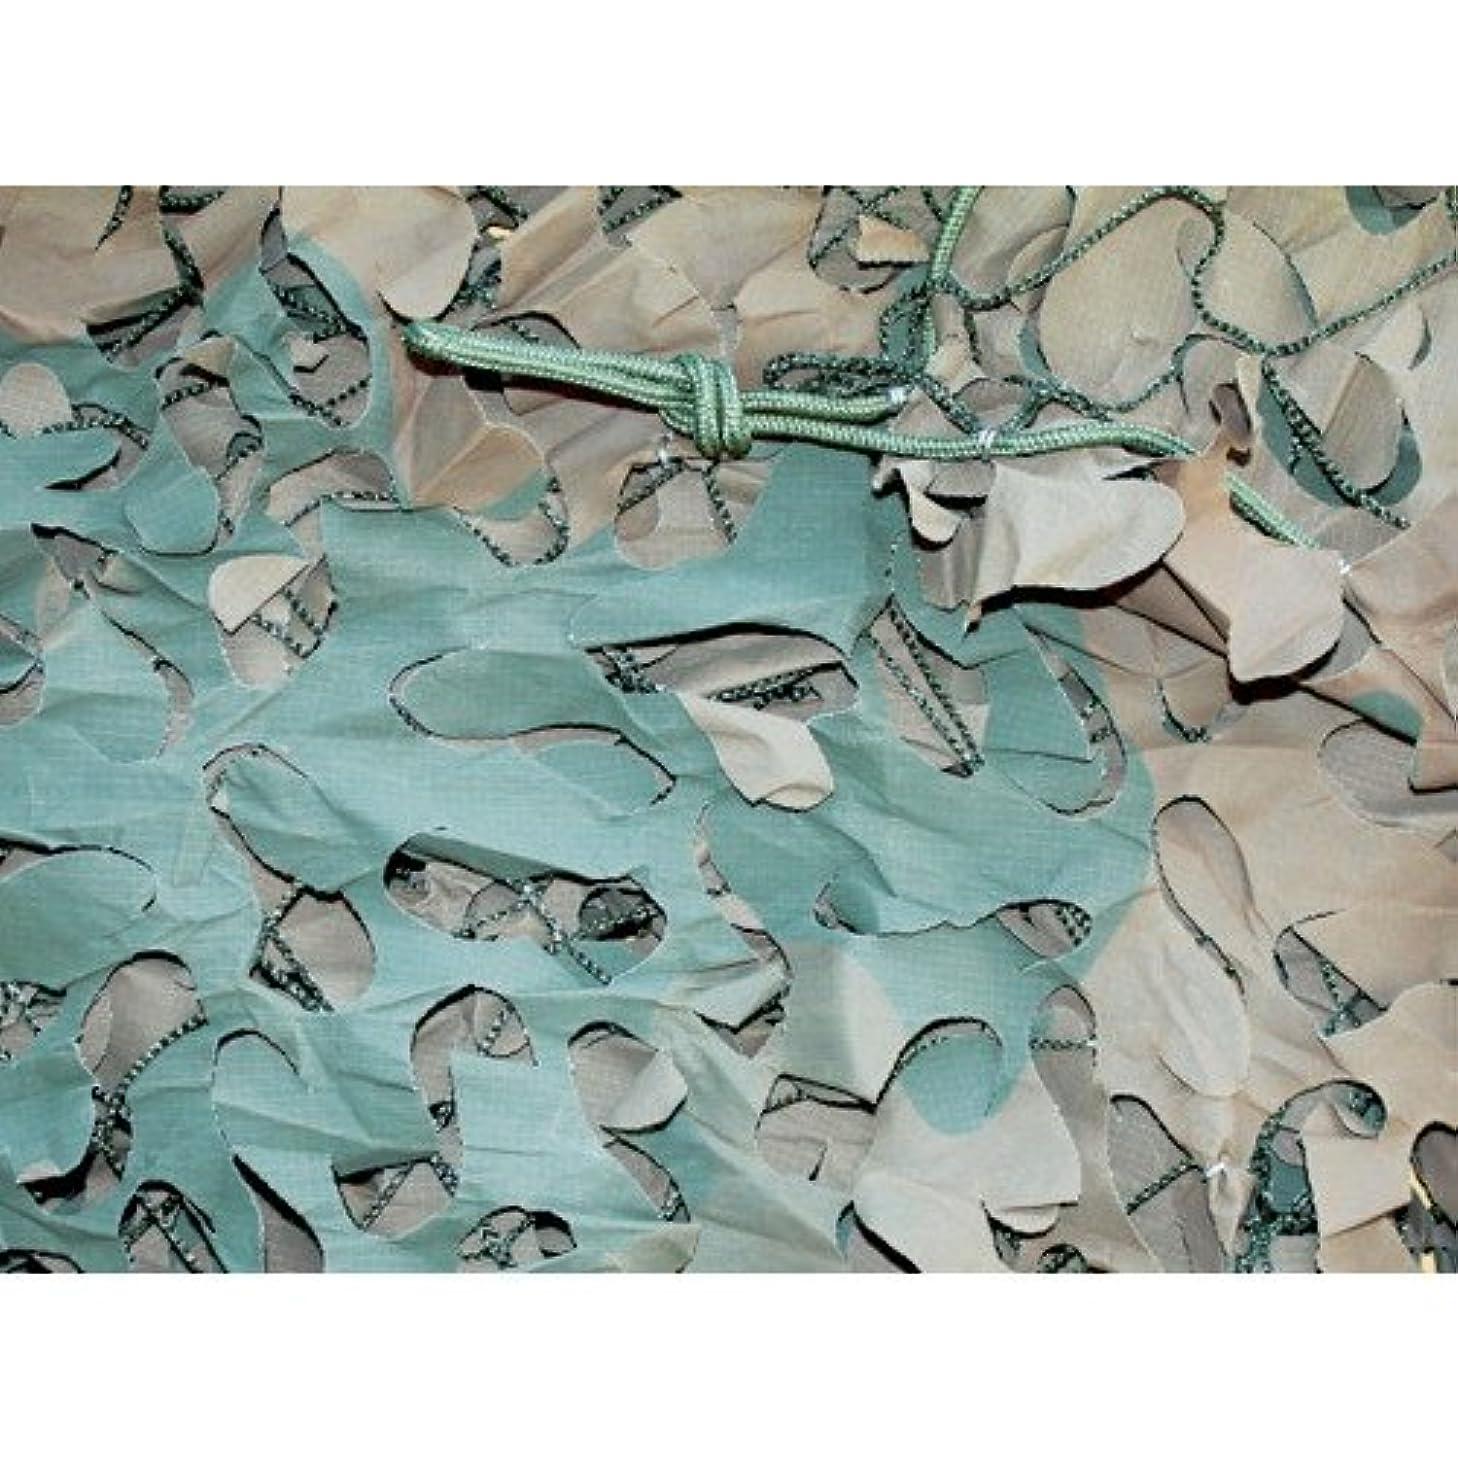 細部真空飼料トラスコ中山 CAMO ベーシック ブロードリーフXミリタリー ウッドランド 1.5mX3m BLM03